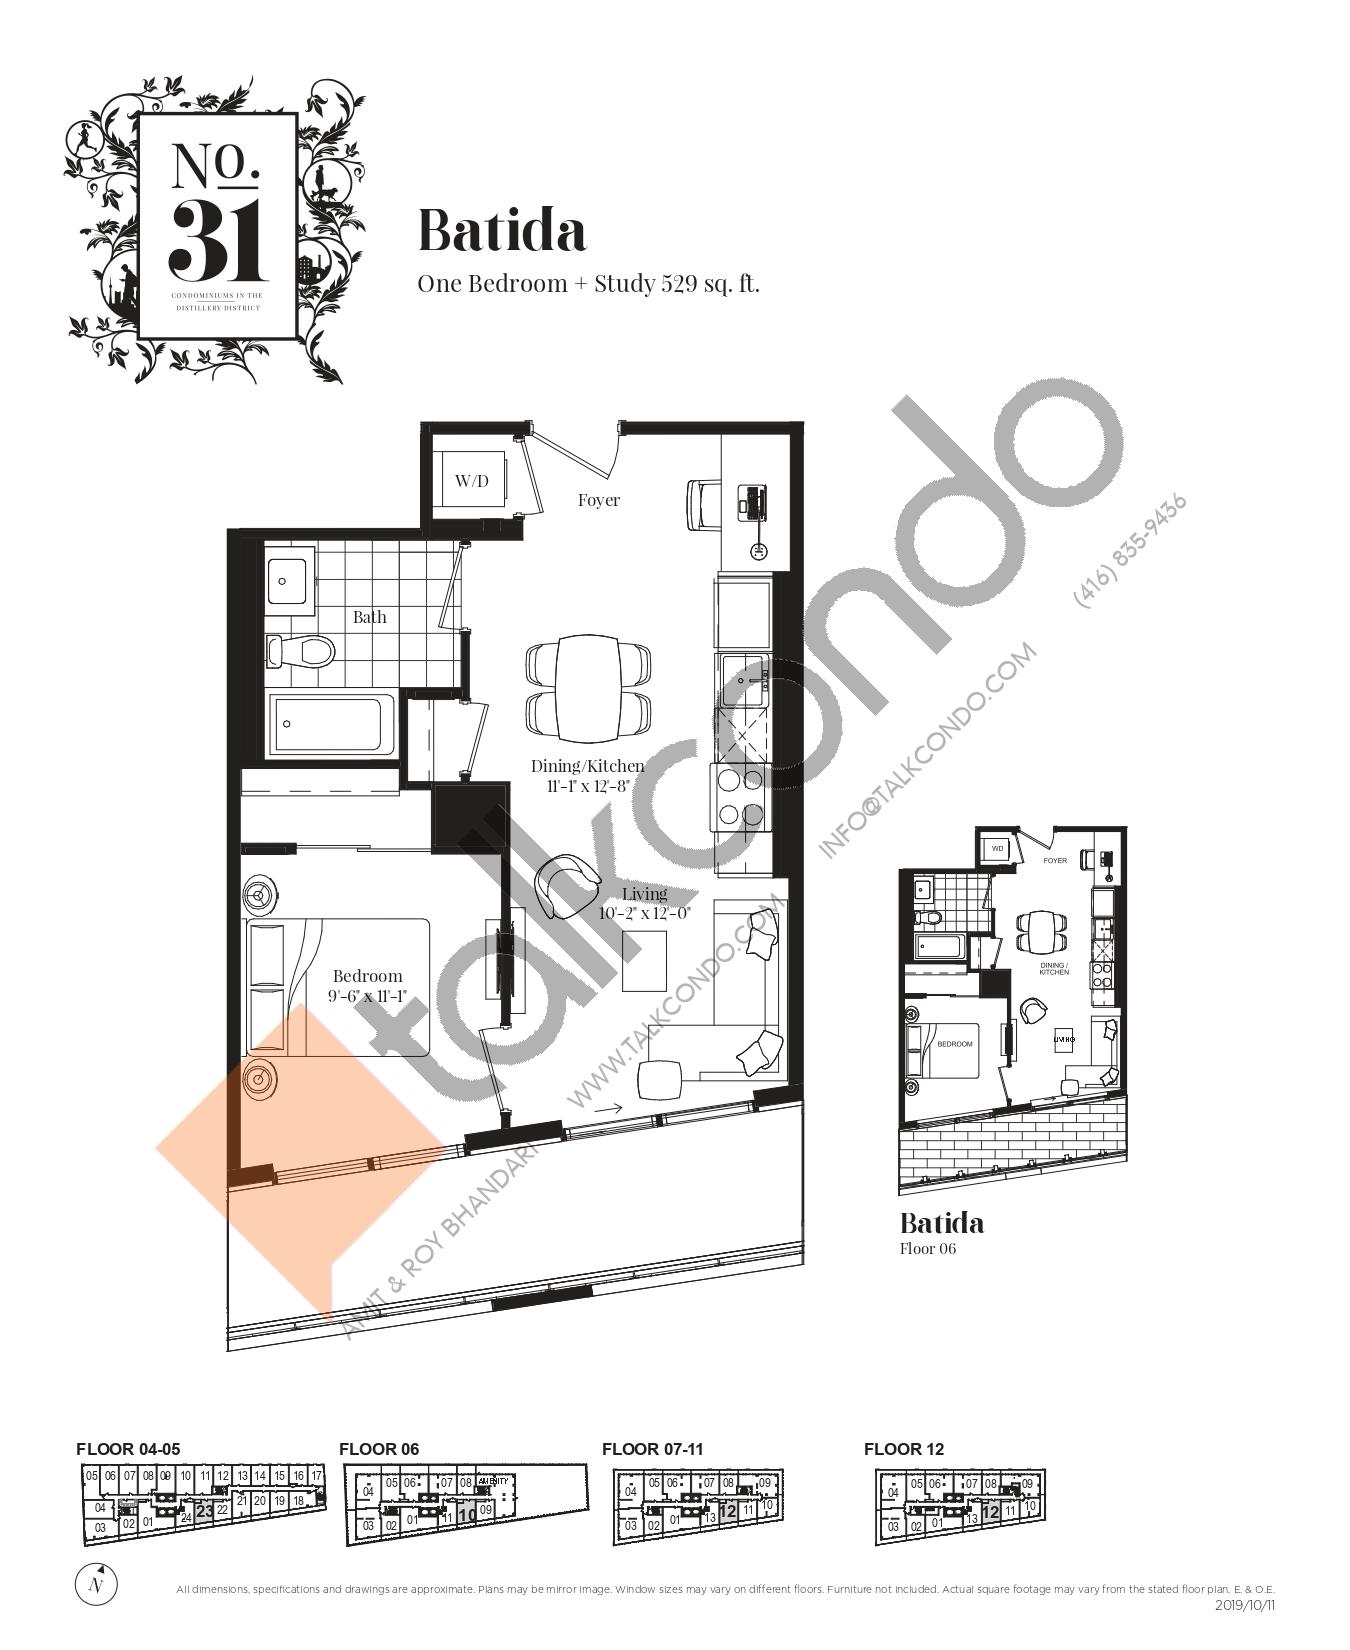 Batida Floor Plan at No. 31 Condos - 529 sq.ft